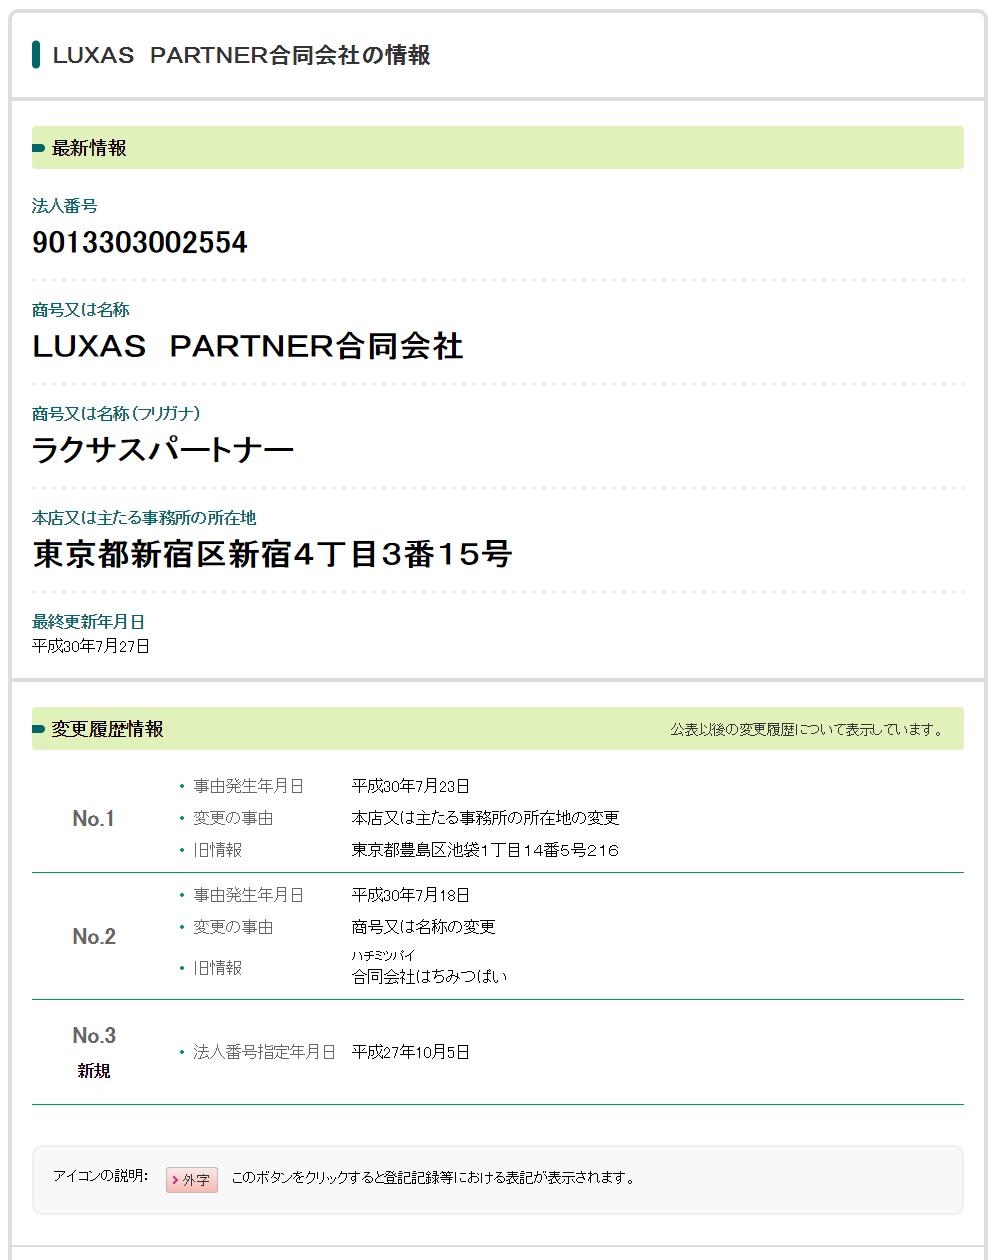 法人番号検索サイト「LUXAS PARTNER 合同会社」